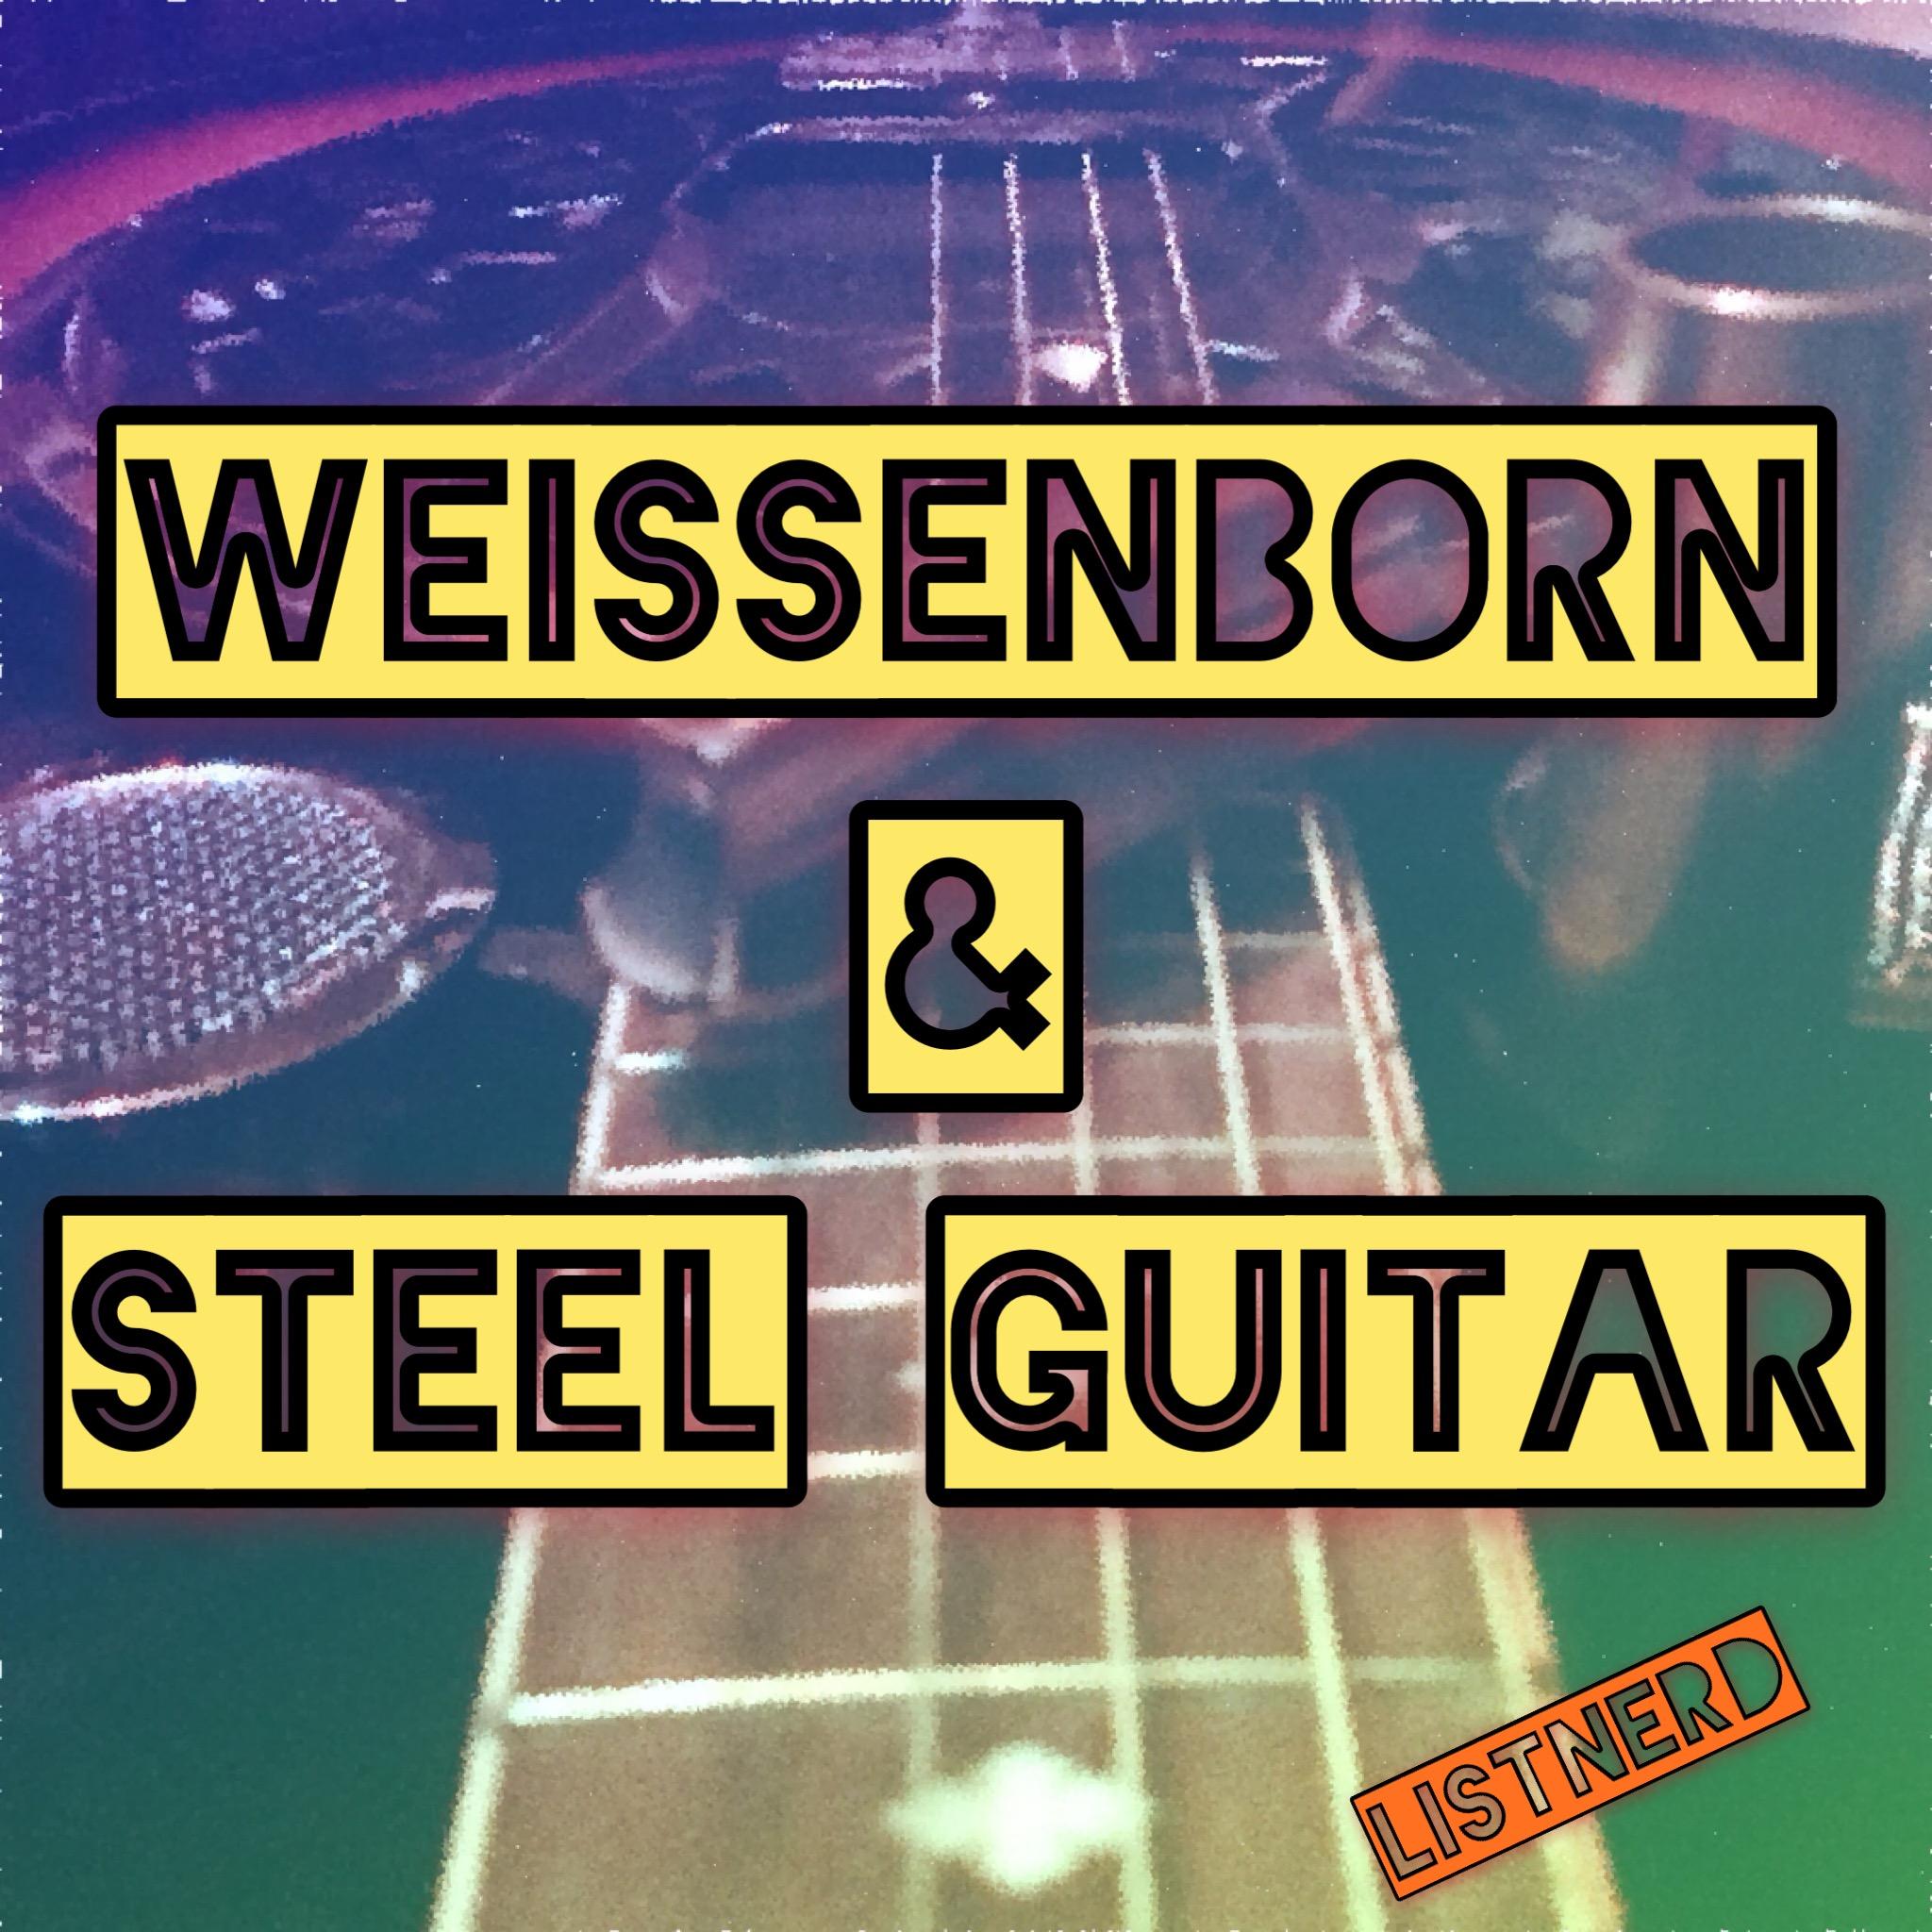 Weissenborn & Steel Guitar